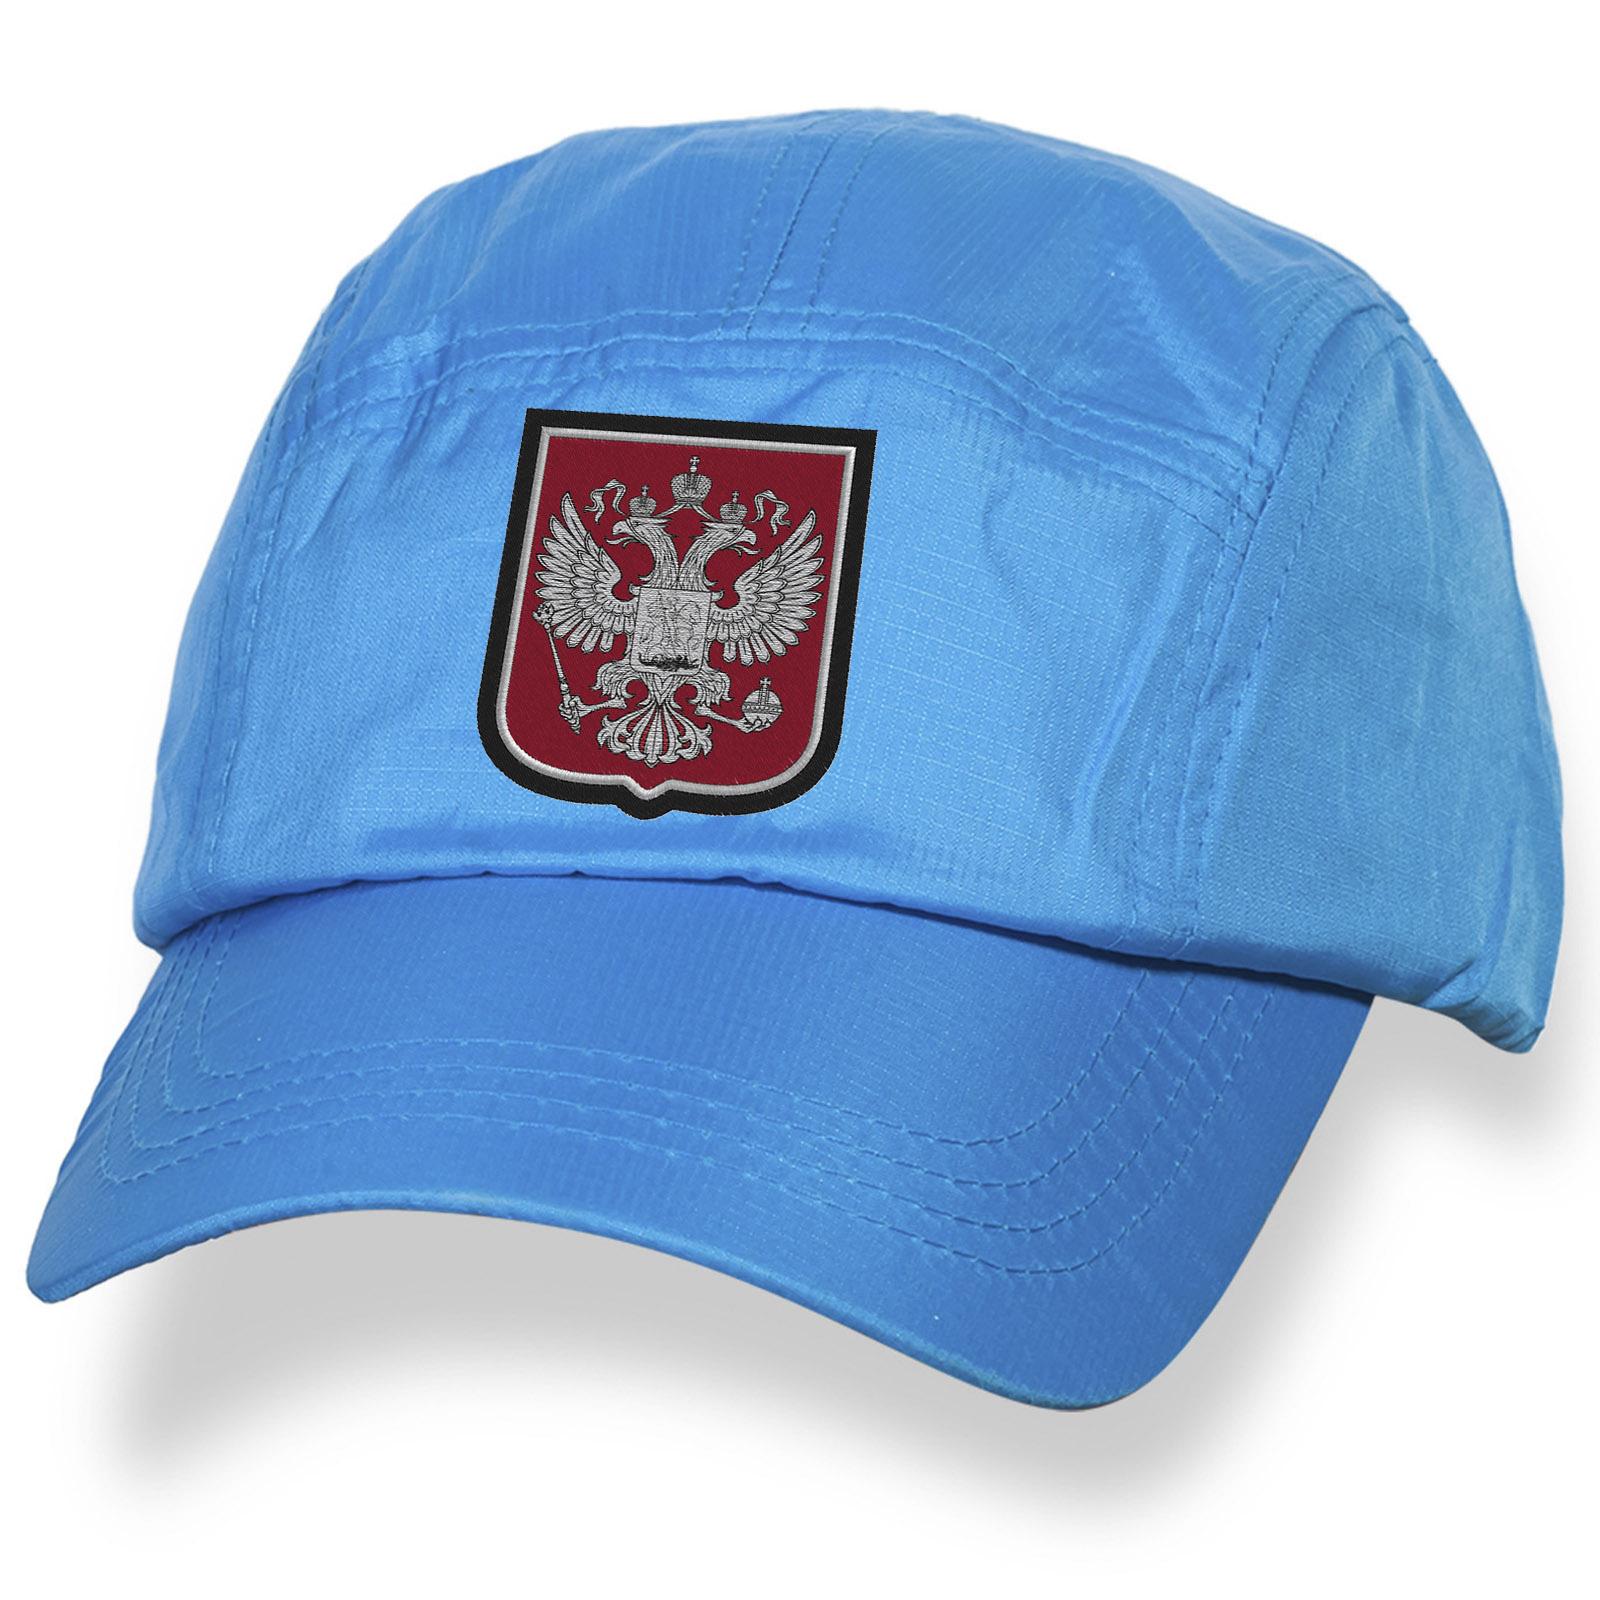 Бейсболка с государственным гербом России.